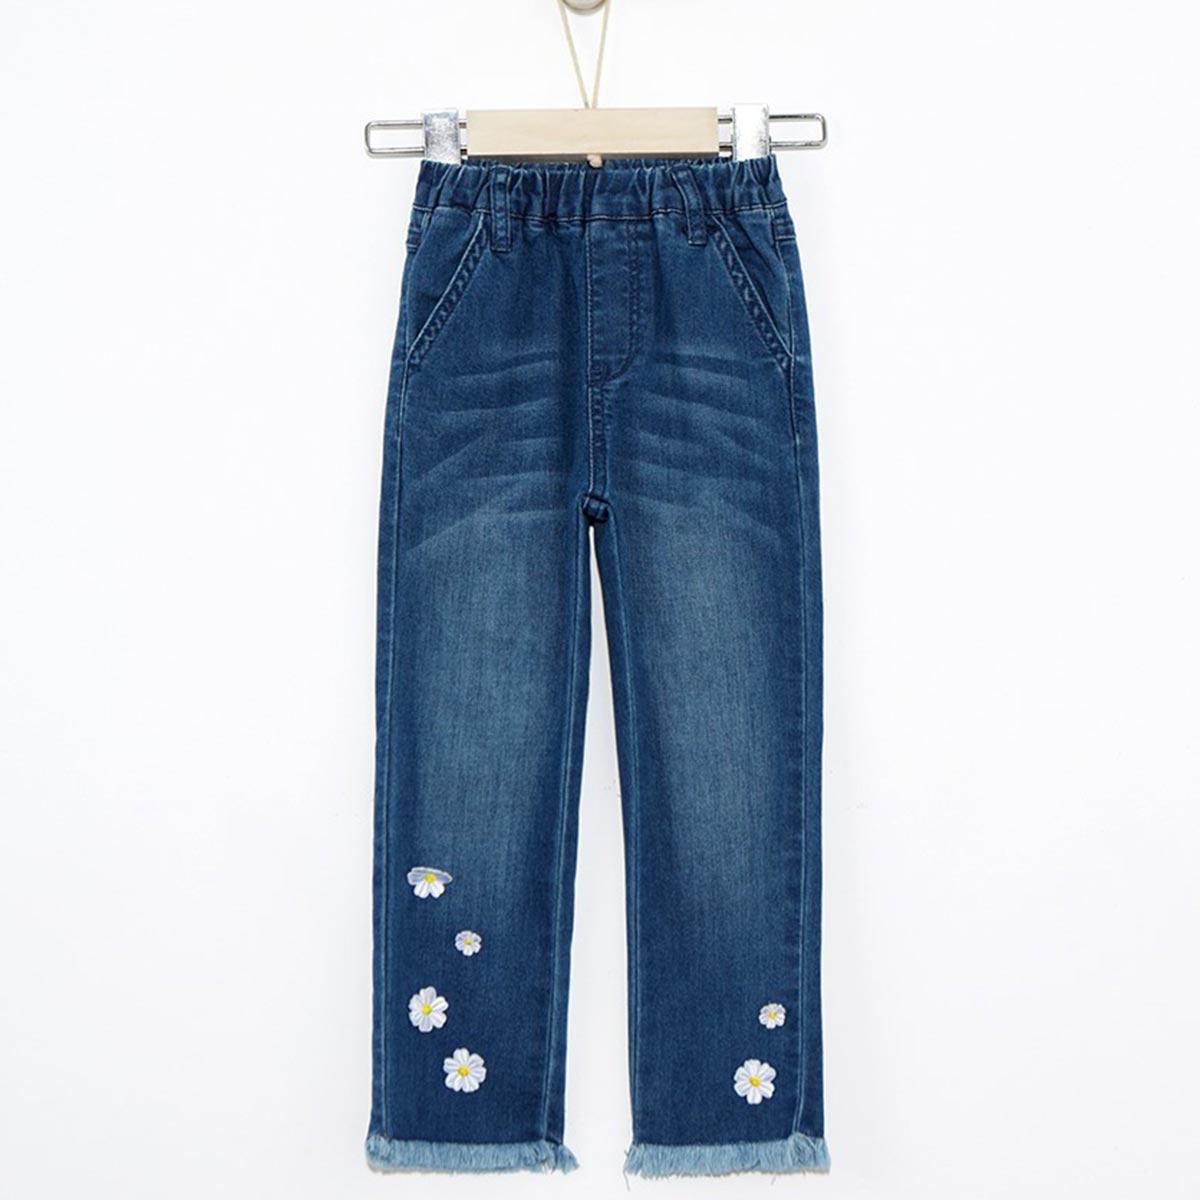 Moomoo女中童修身时尚牛仔裤79788640